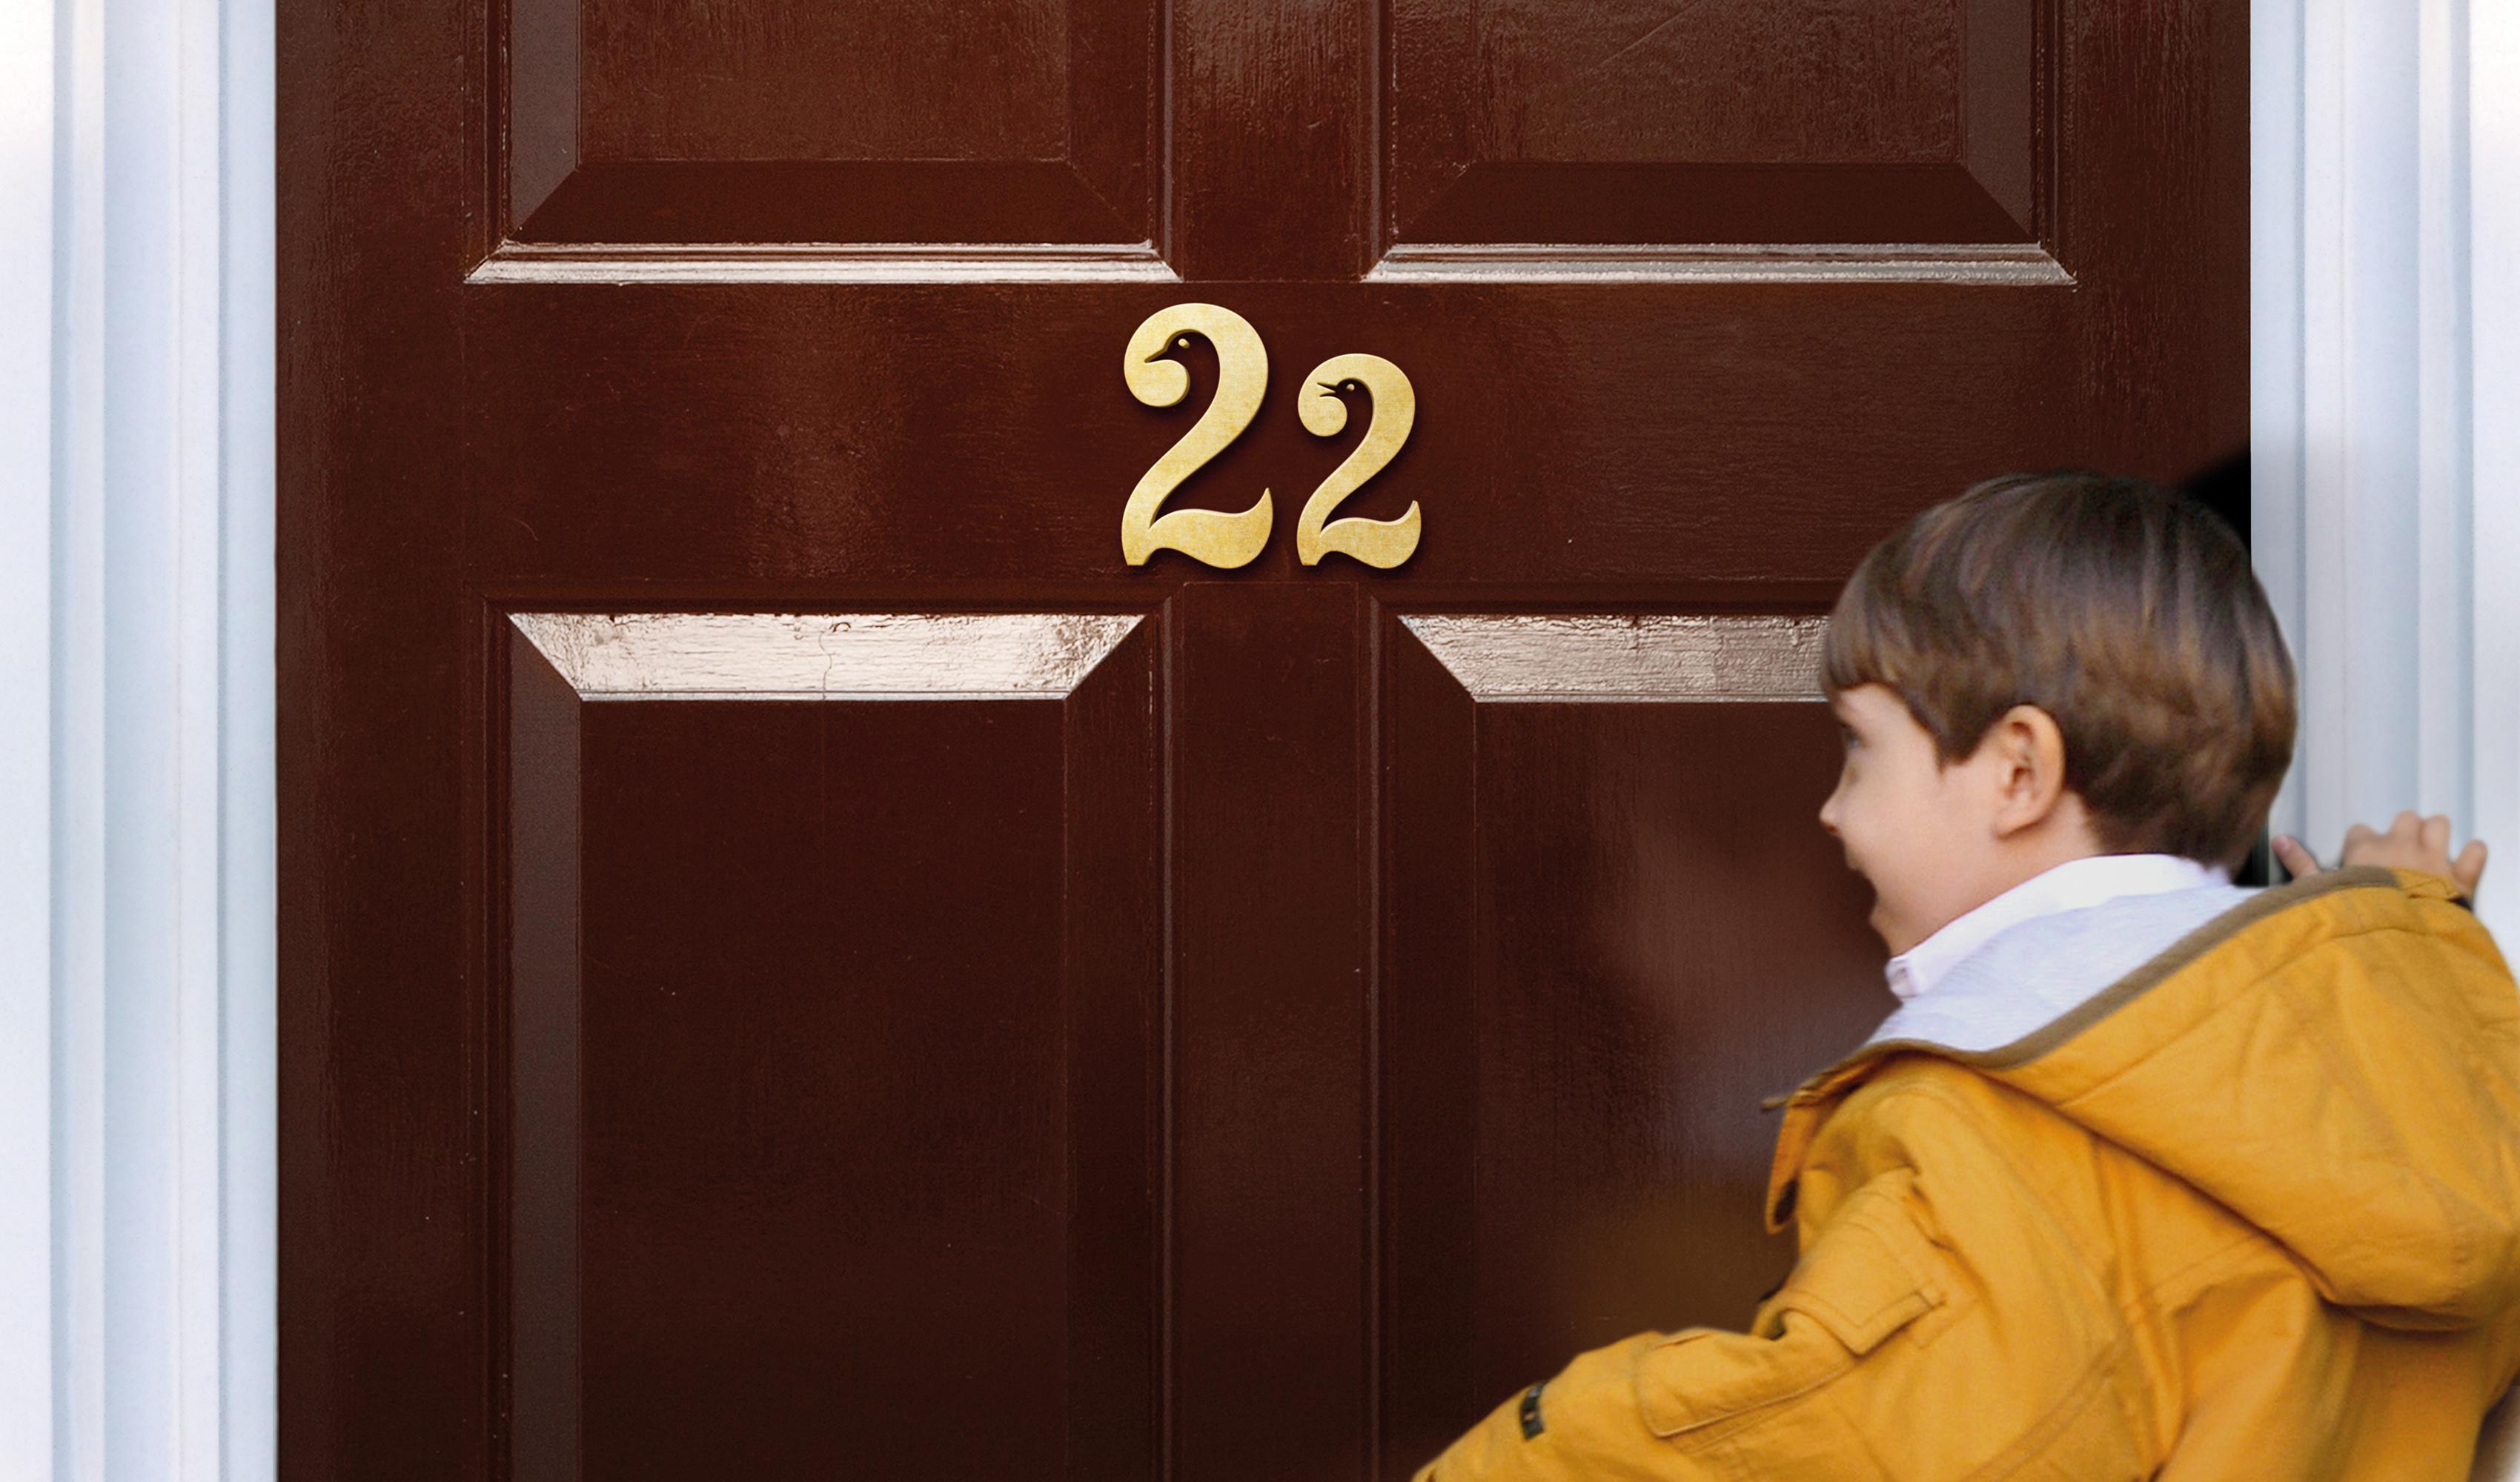 7_22 STREET LANE NURSERY_Front door_PR image RGB